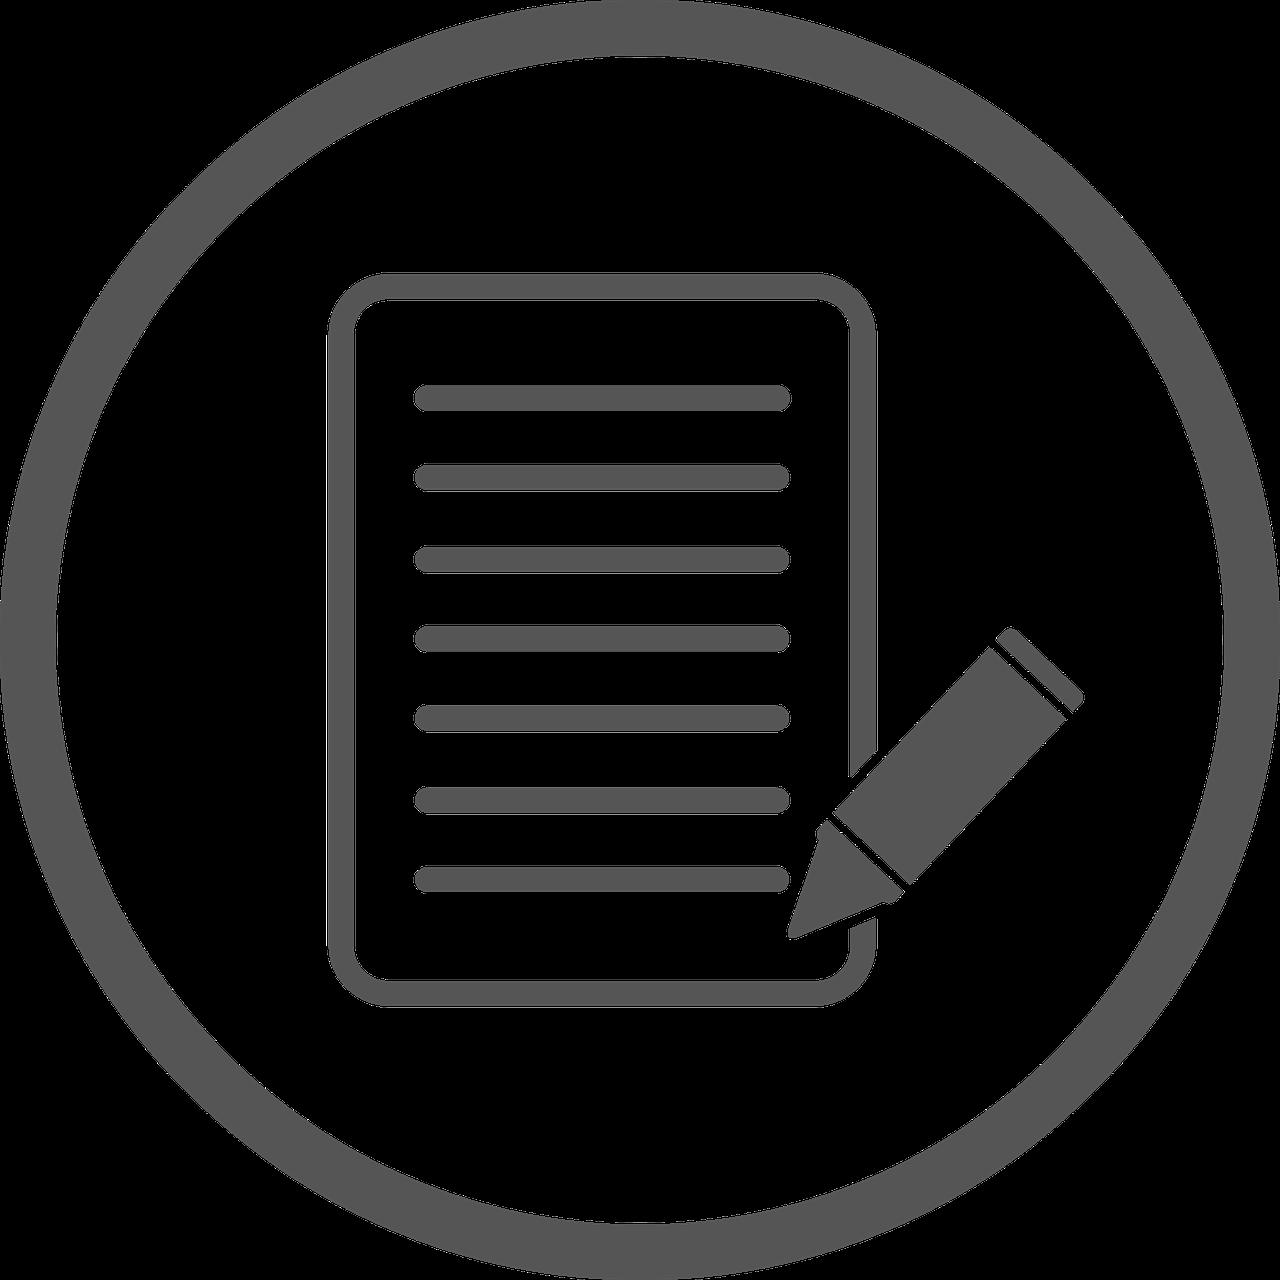 DALL'AUTORITA' PER LA PROTEZIONE DEI DATI DELLA FINLANDIA: L'ufficio Del GEPD Invita A Fare Commenti Sulla Nuova Guida Sulla Valutazione D'impatto Sulla Protezione Dei Dati